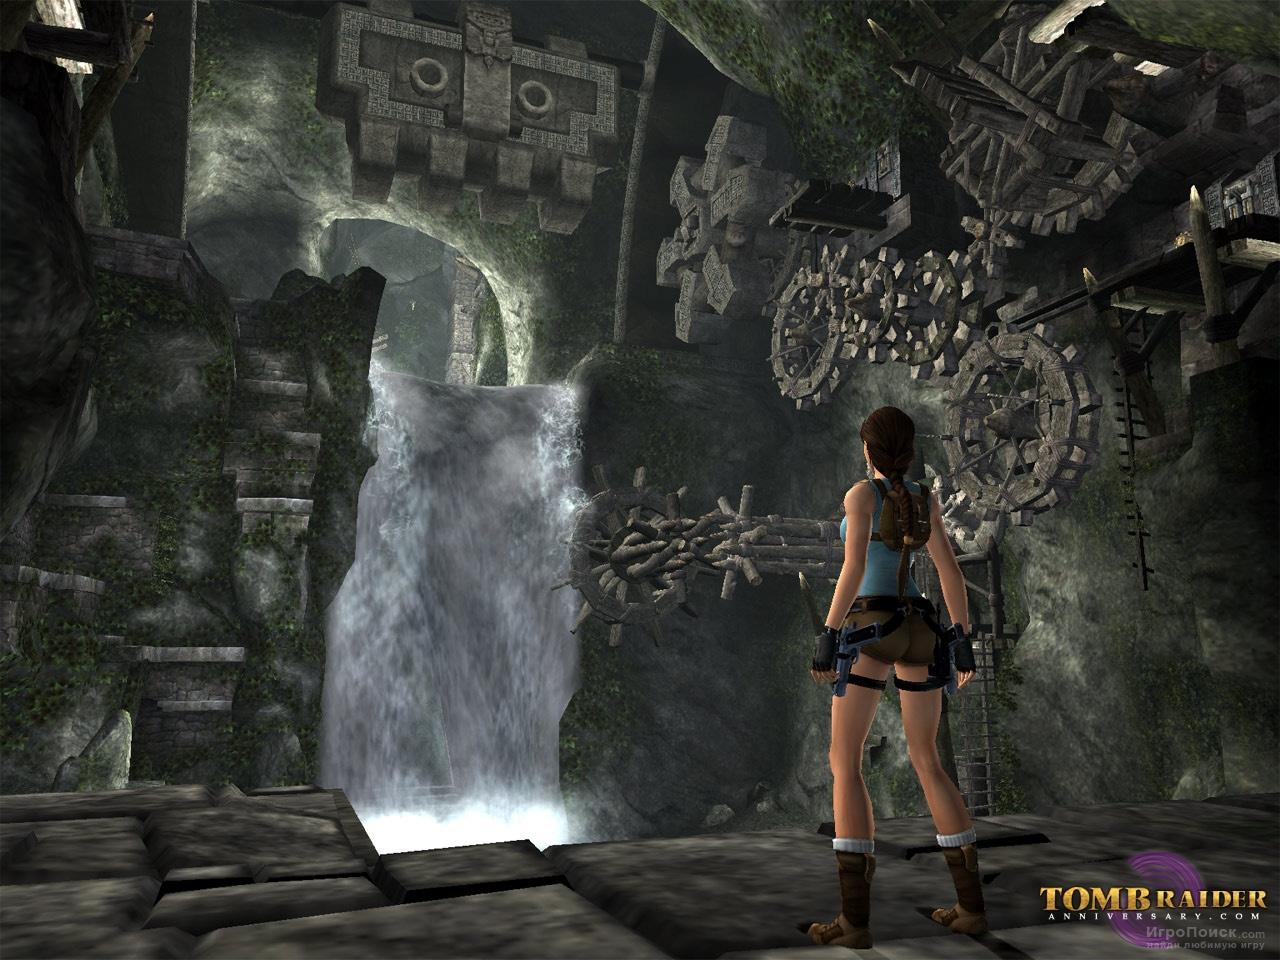 Скриншот к игре Tomb Raider: Anniversary